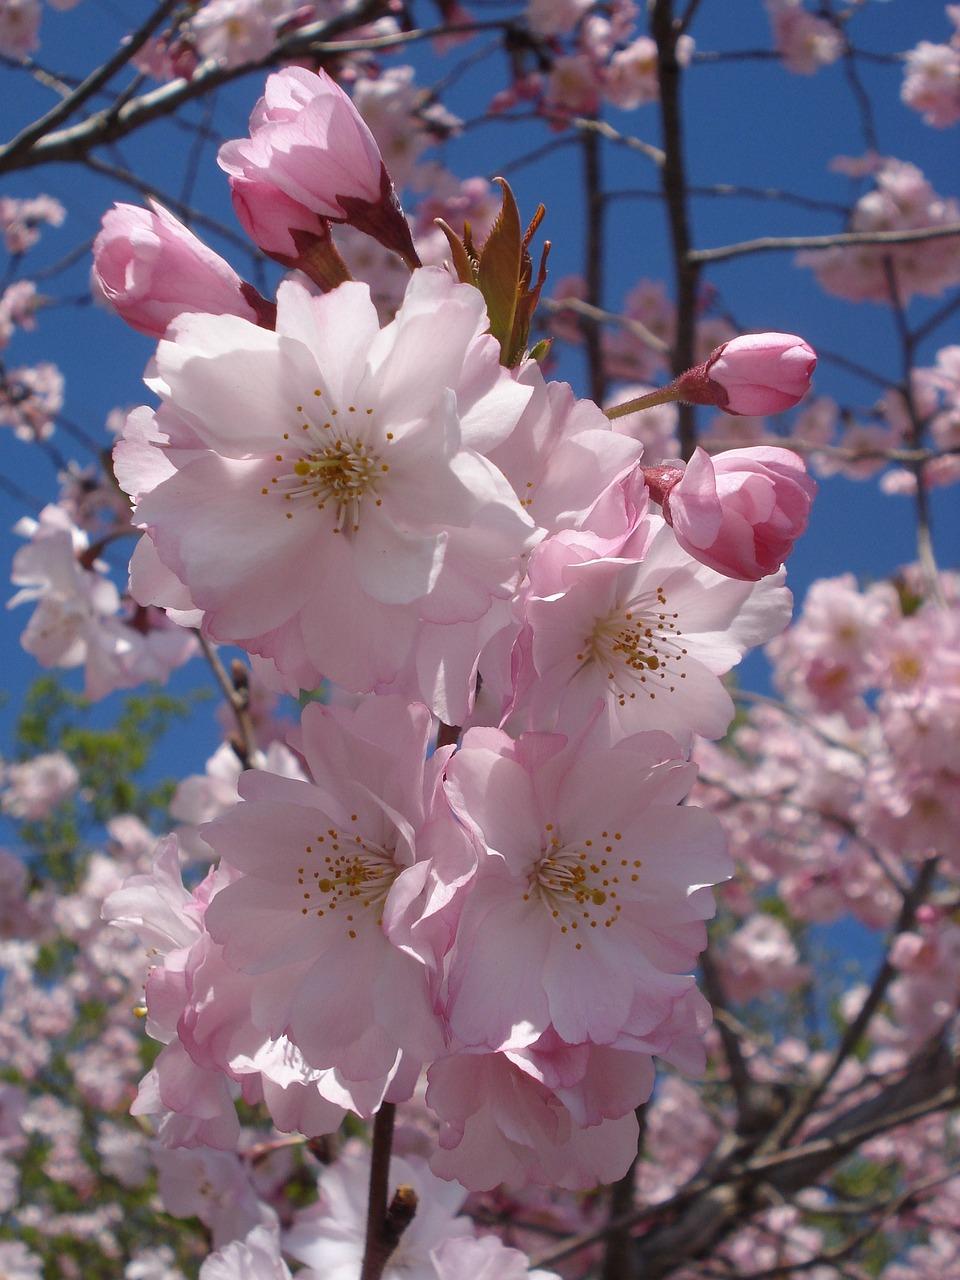 баб картинки на телефон цветущие деревья москве после